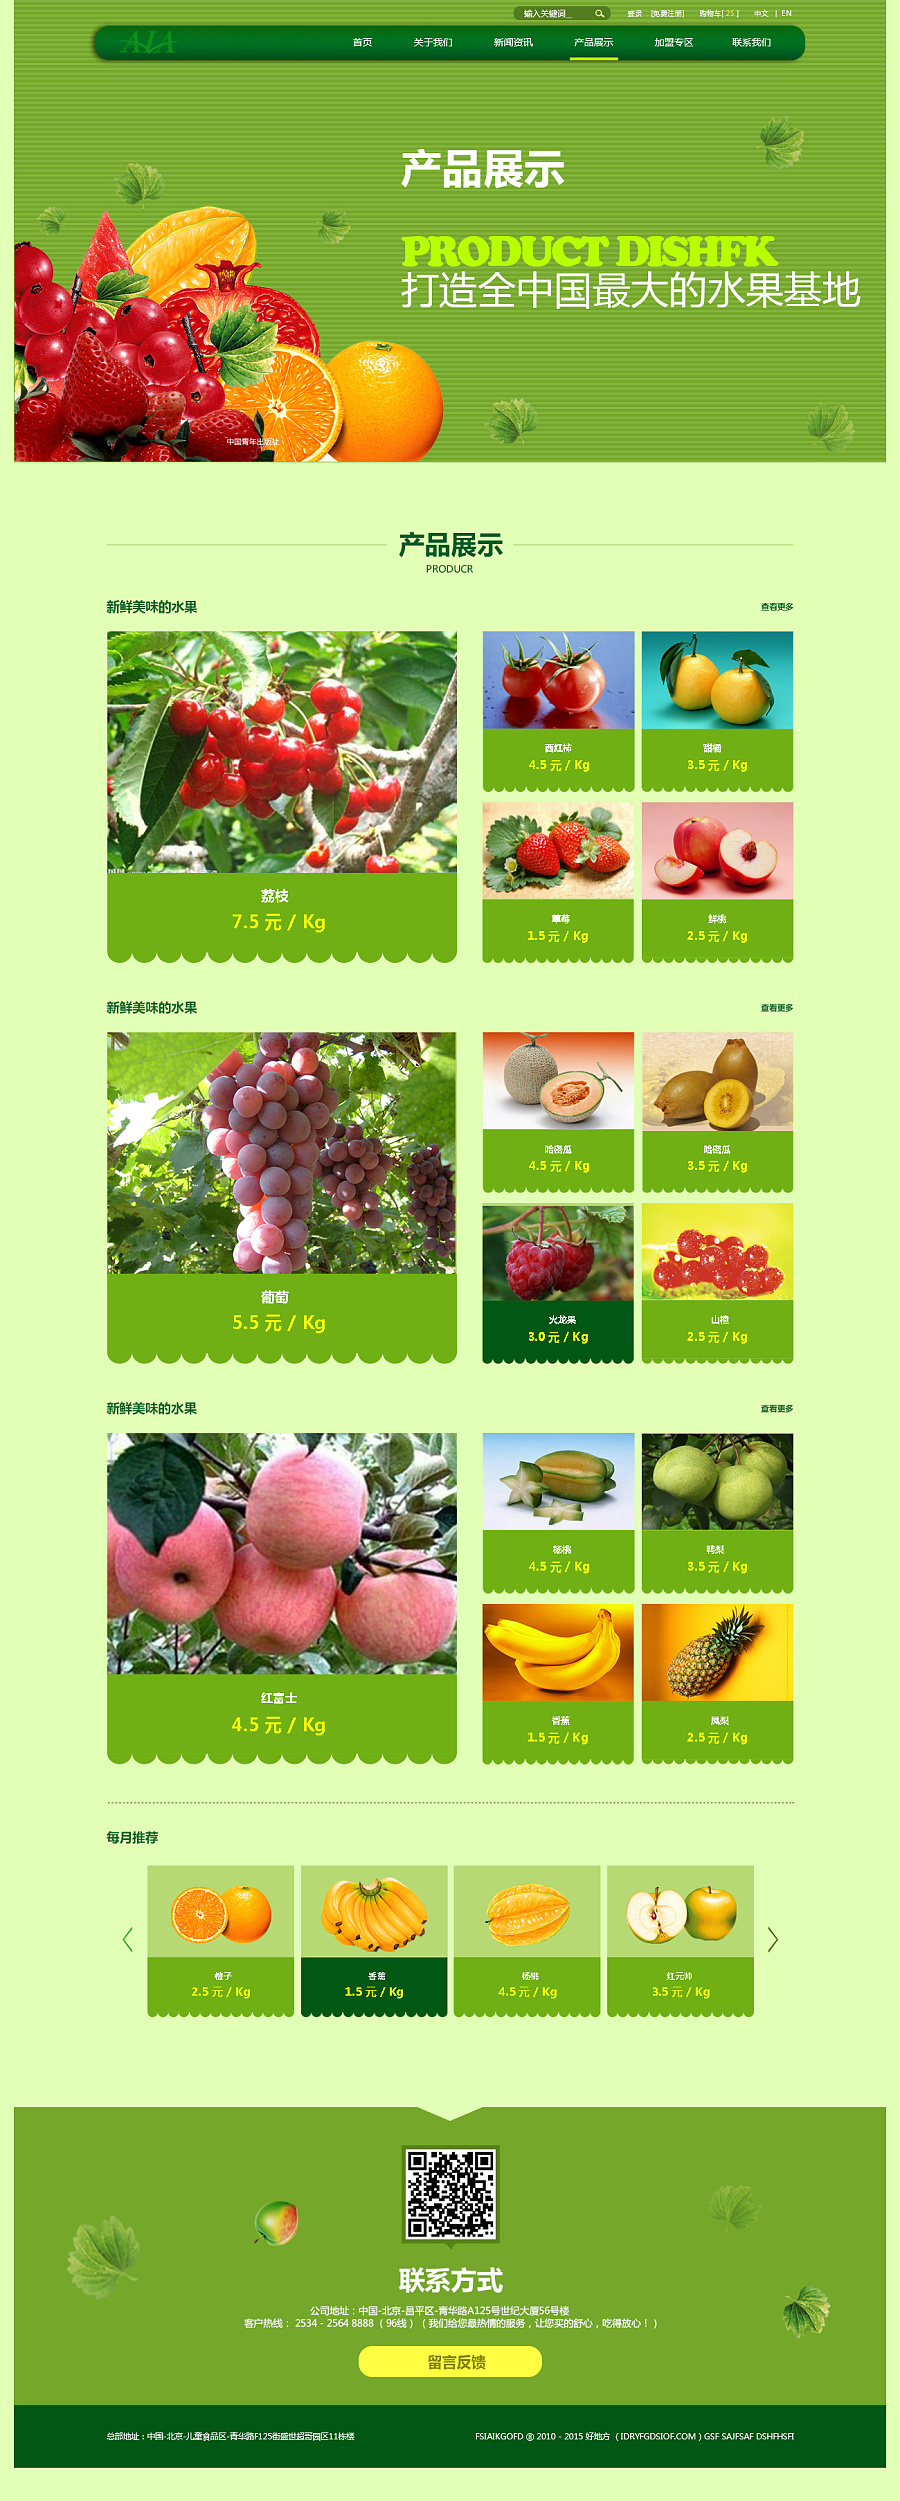 水果网页|电子商务/商城|网页|李少潇